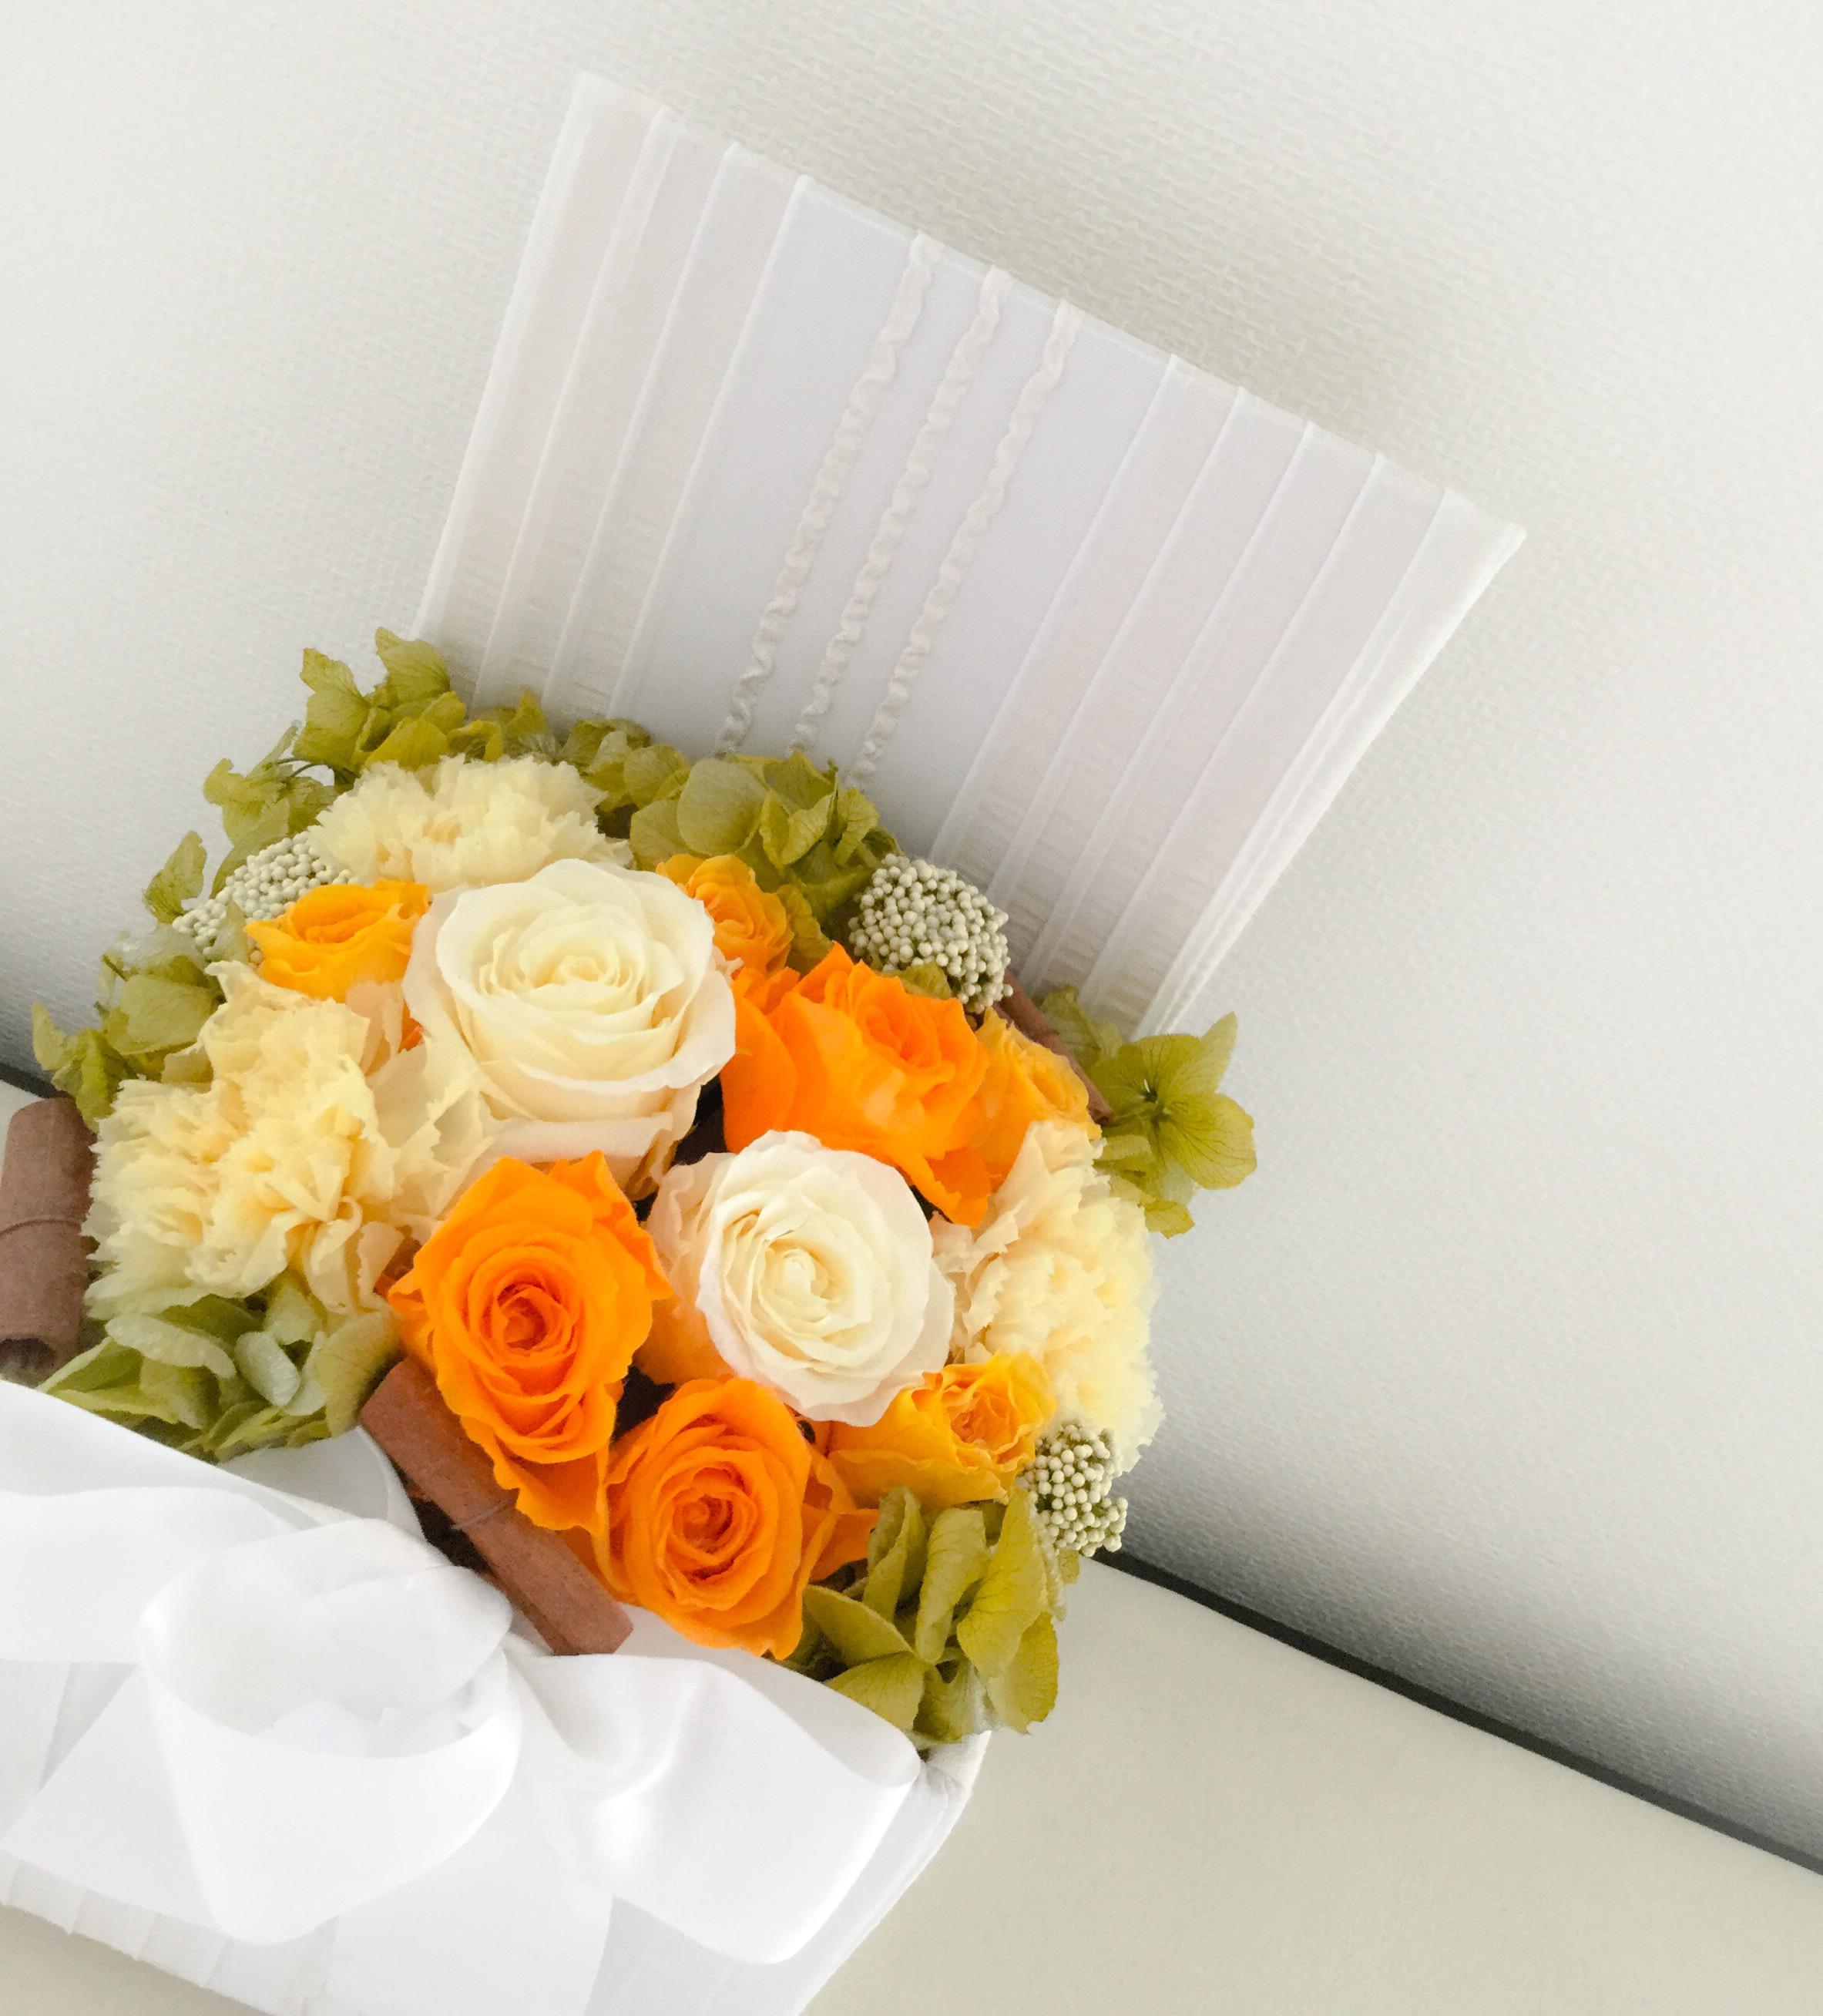 プリザーブドフラワー教室,よくある質問,新潟市,お花の資格,ディプロマ,新潟市中央区